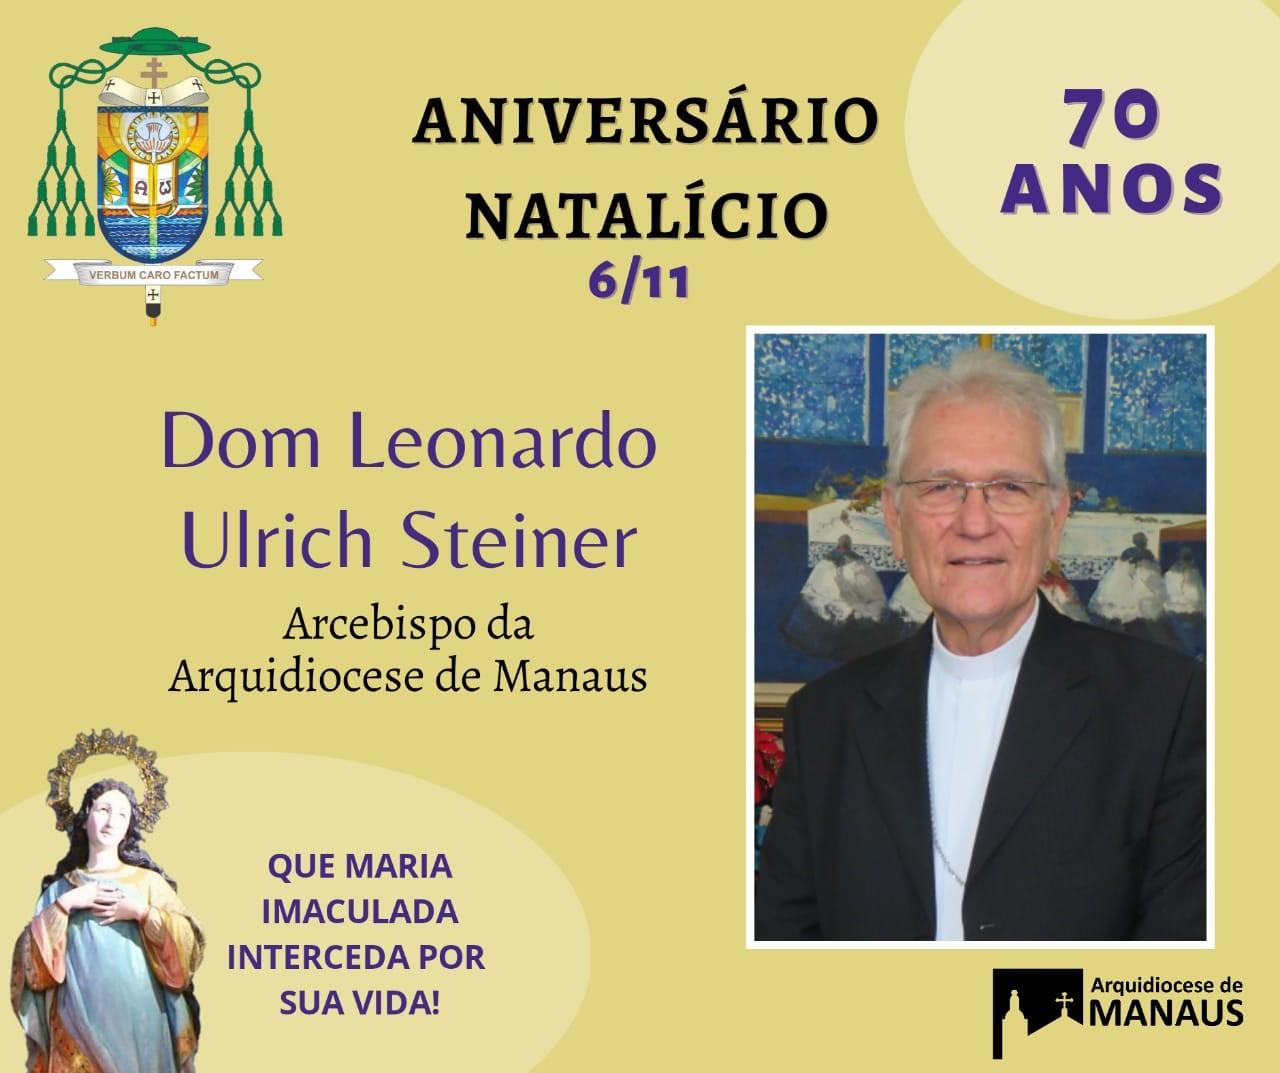 Presidência da CND cumprimenta Dom Leonardo pelo aniversário natalício